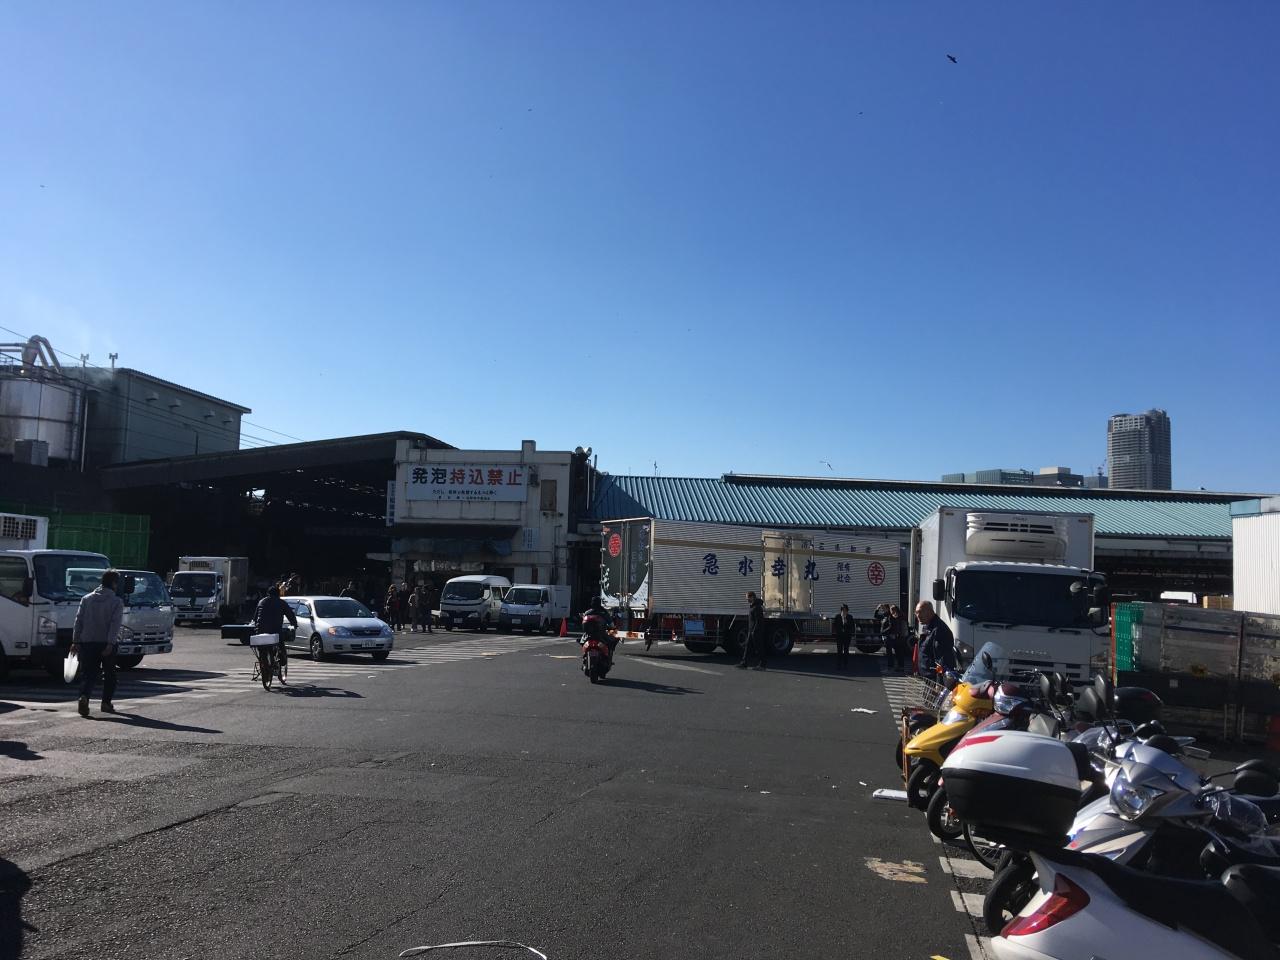 築地市場 — Tsukiji FishMarket